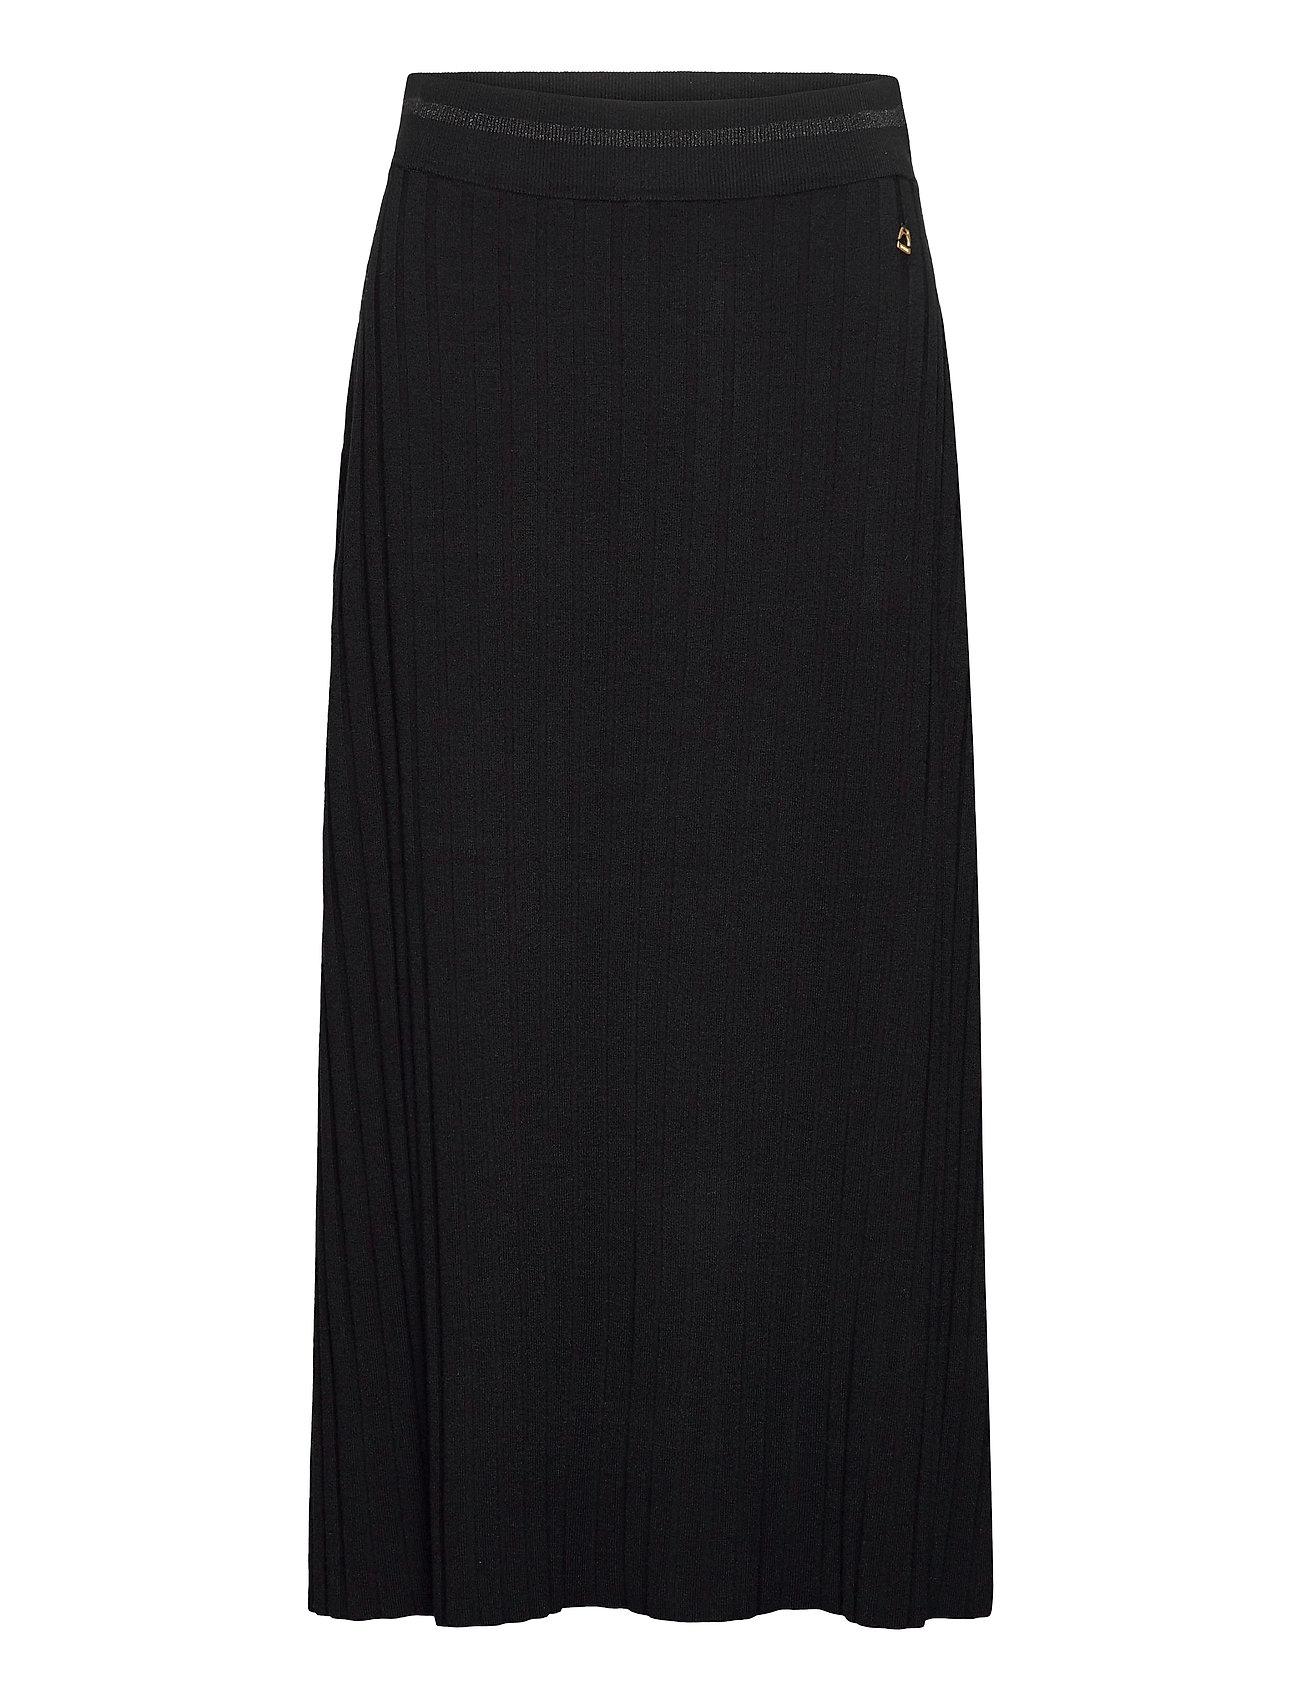 Image of Alette Knit Skirt Lang Nederdel Sort Morris Lady (3486936965)